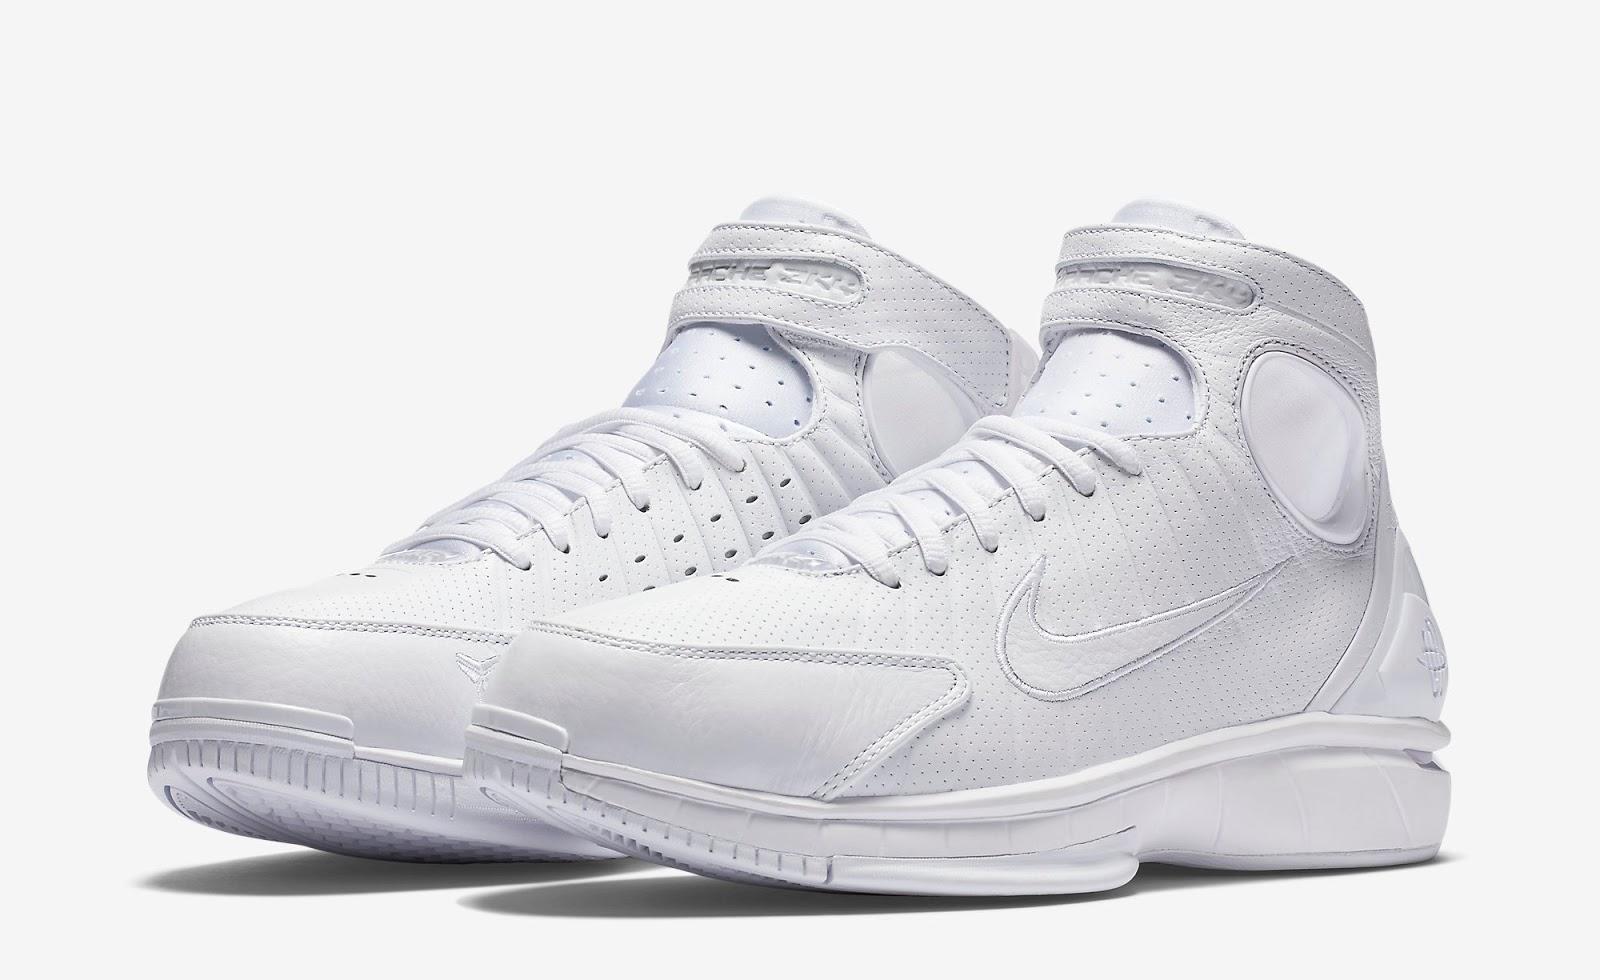 d5d519ecb274 Nike Air Zoom Huarache 2K4 FTB